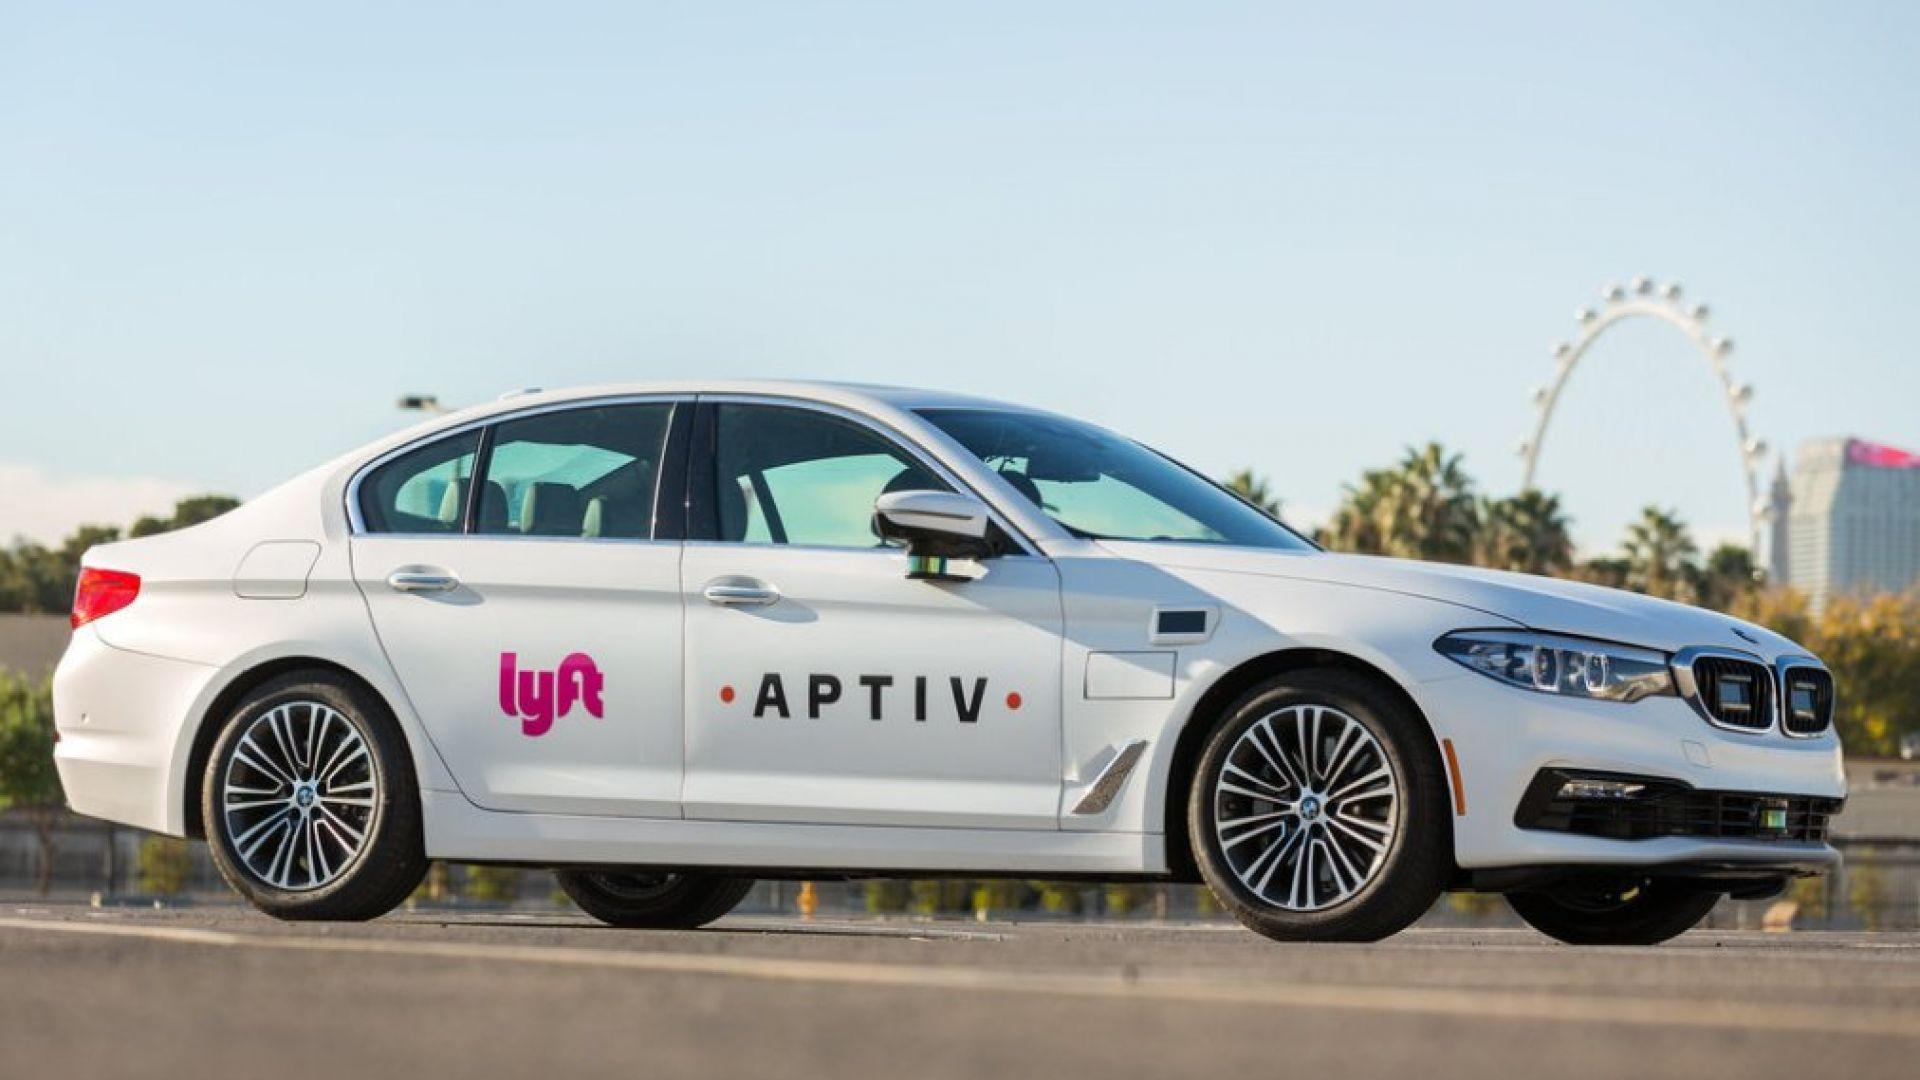 Lyft планира да използва масово автономни коли в САЩ през 2023 година